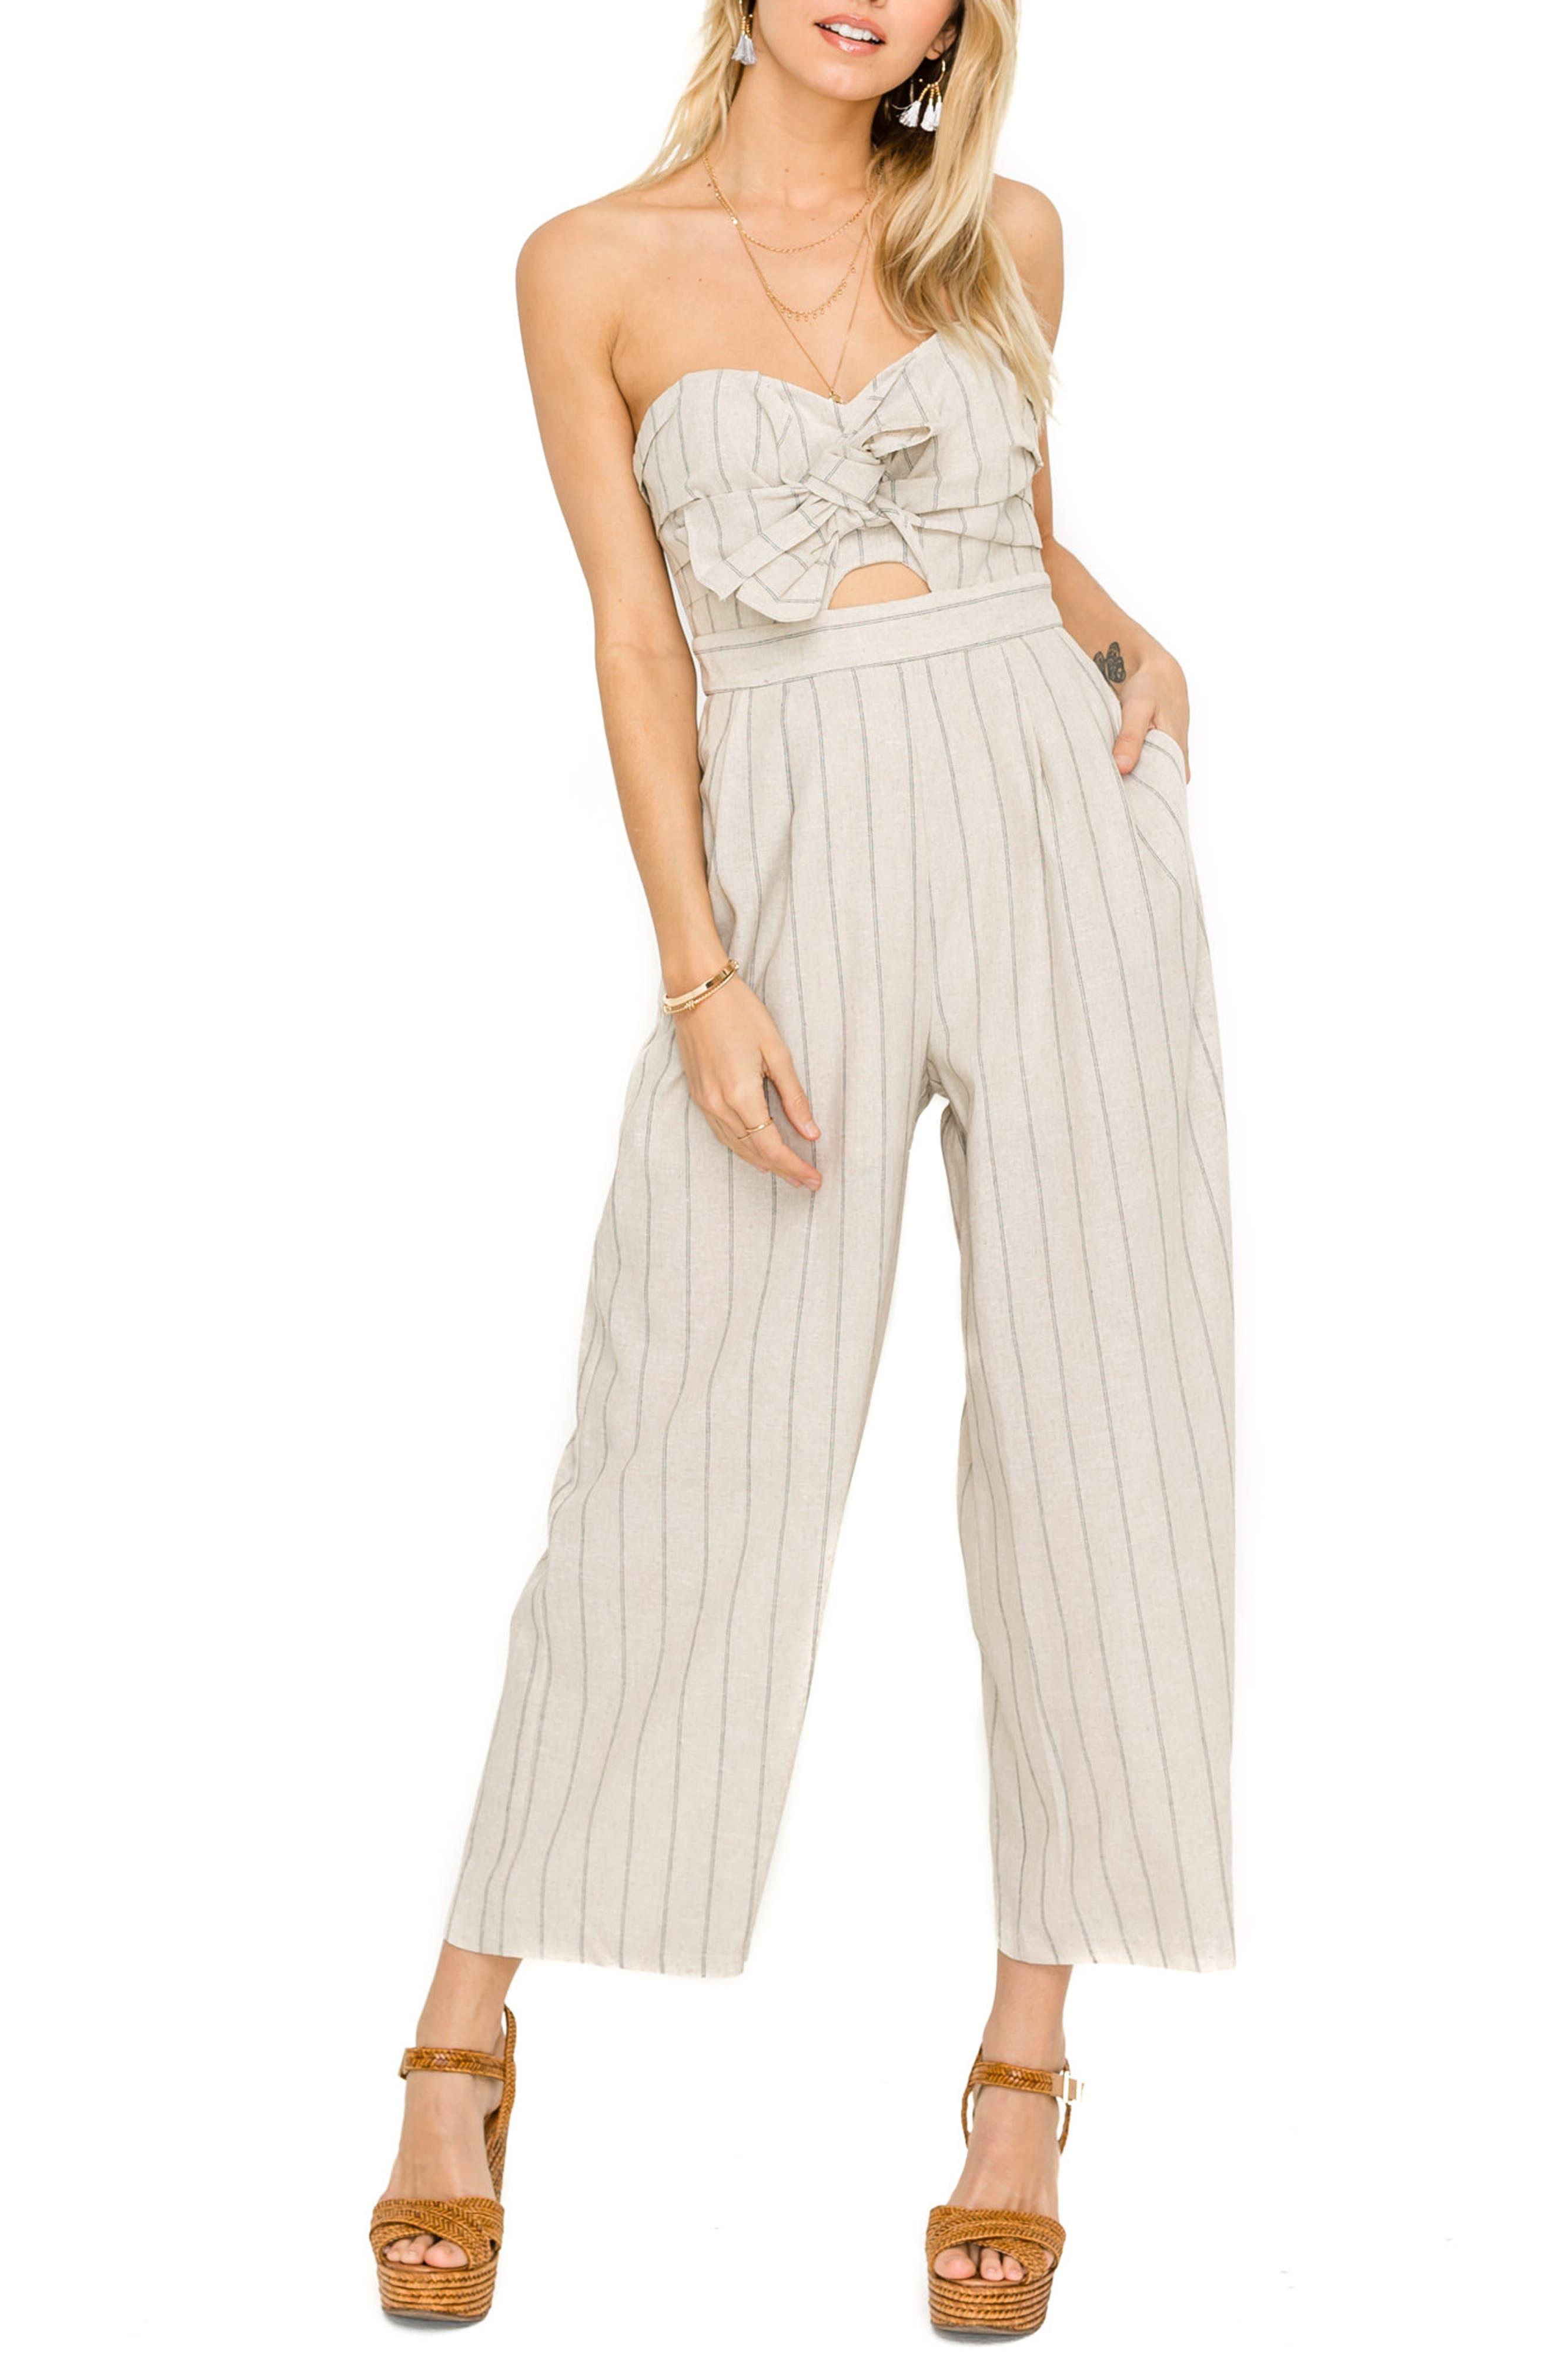 ASTR THE LABEL Mara Strapless Cotton & Linen Jumpsuit, Main, color, NATURAL/ BLACK STRIPE